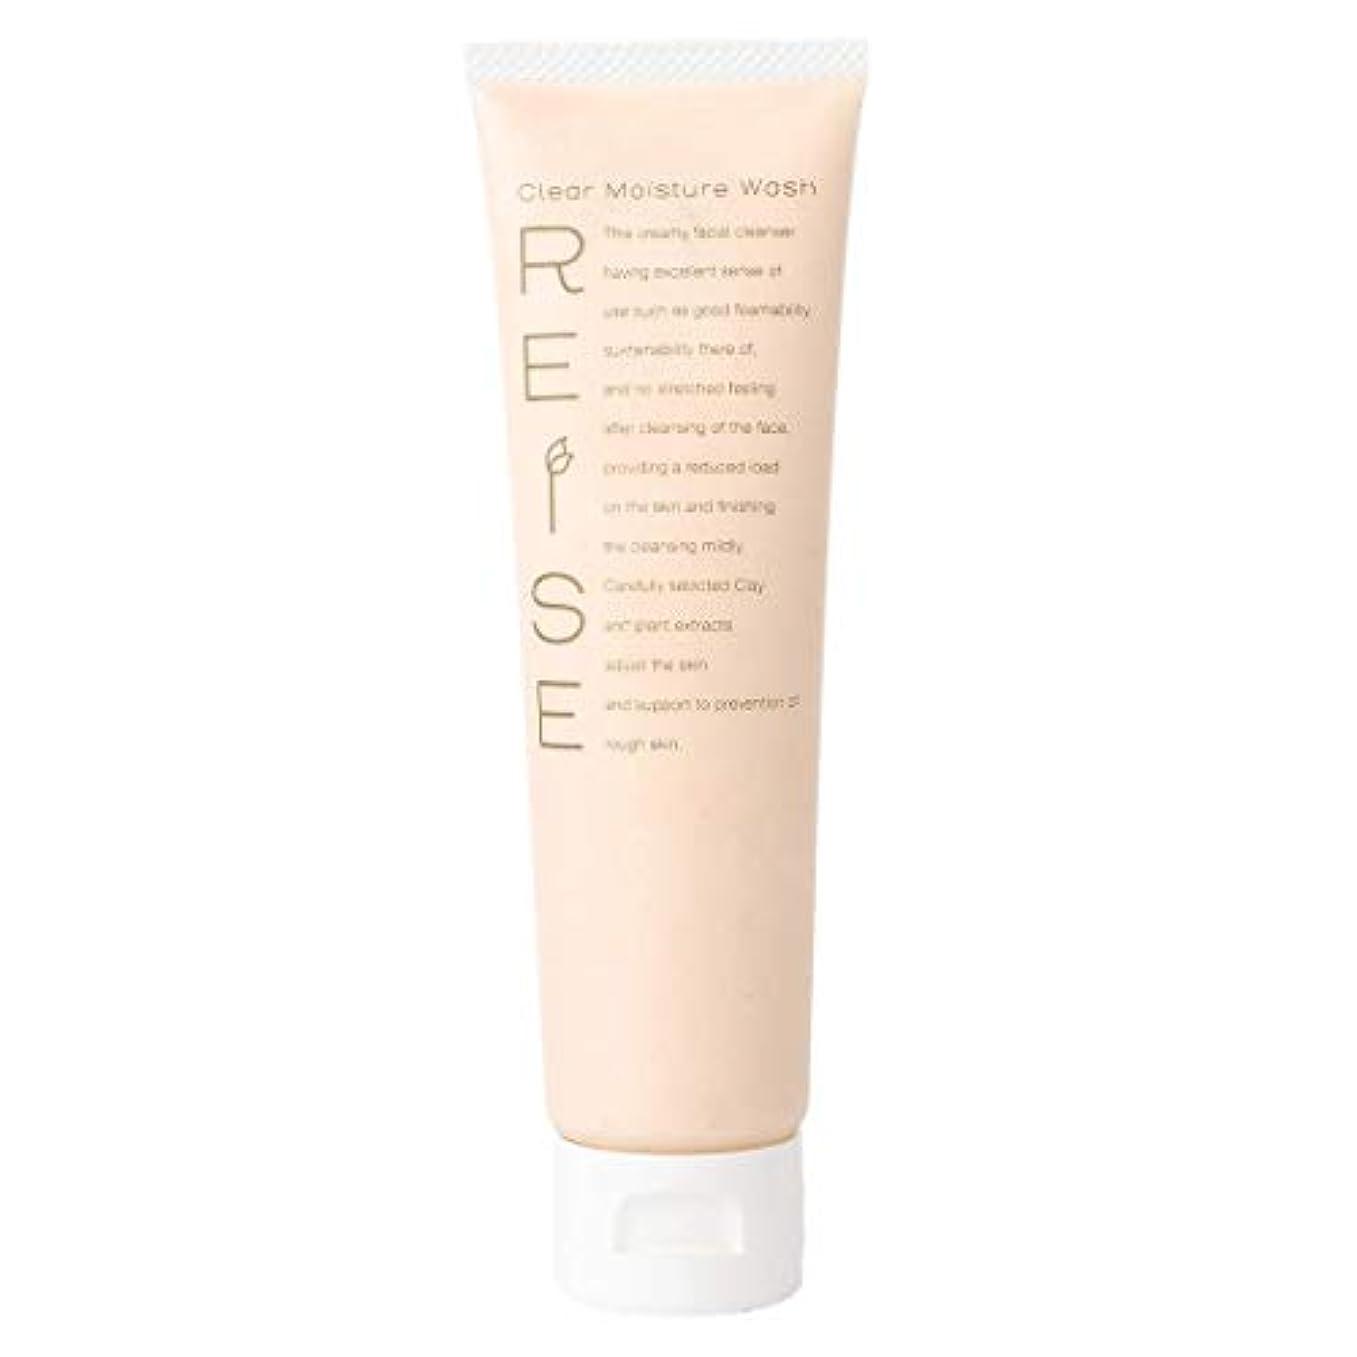 メタリックチャームプロトタイプライゼ クリア保湿ウォッシュ105g 発酵卵白の羽泡で潤って洗う 洗顔フォーム